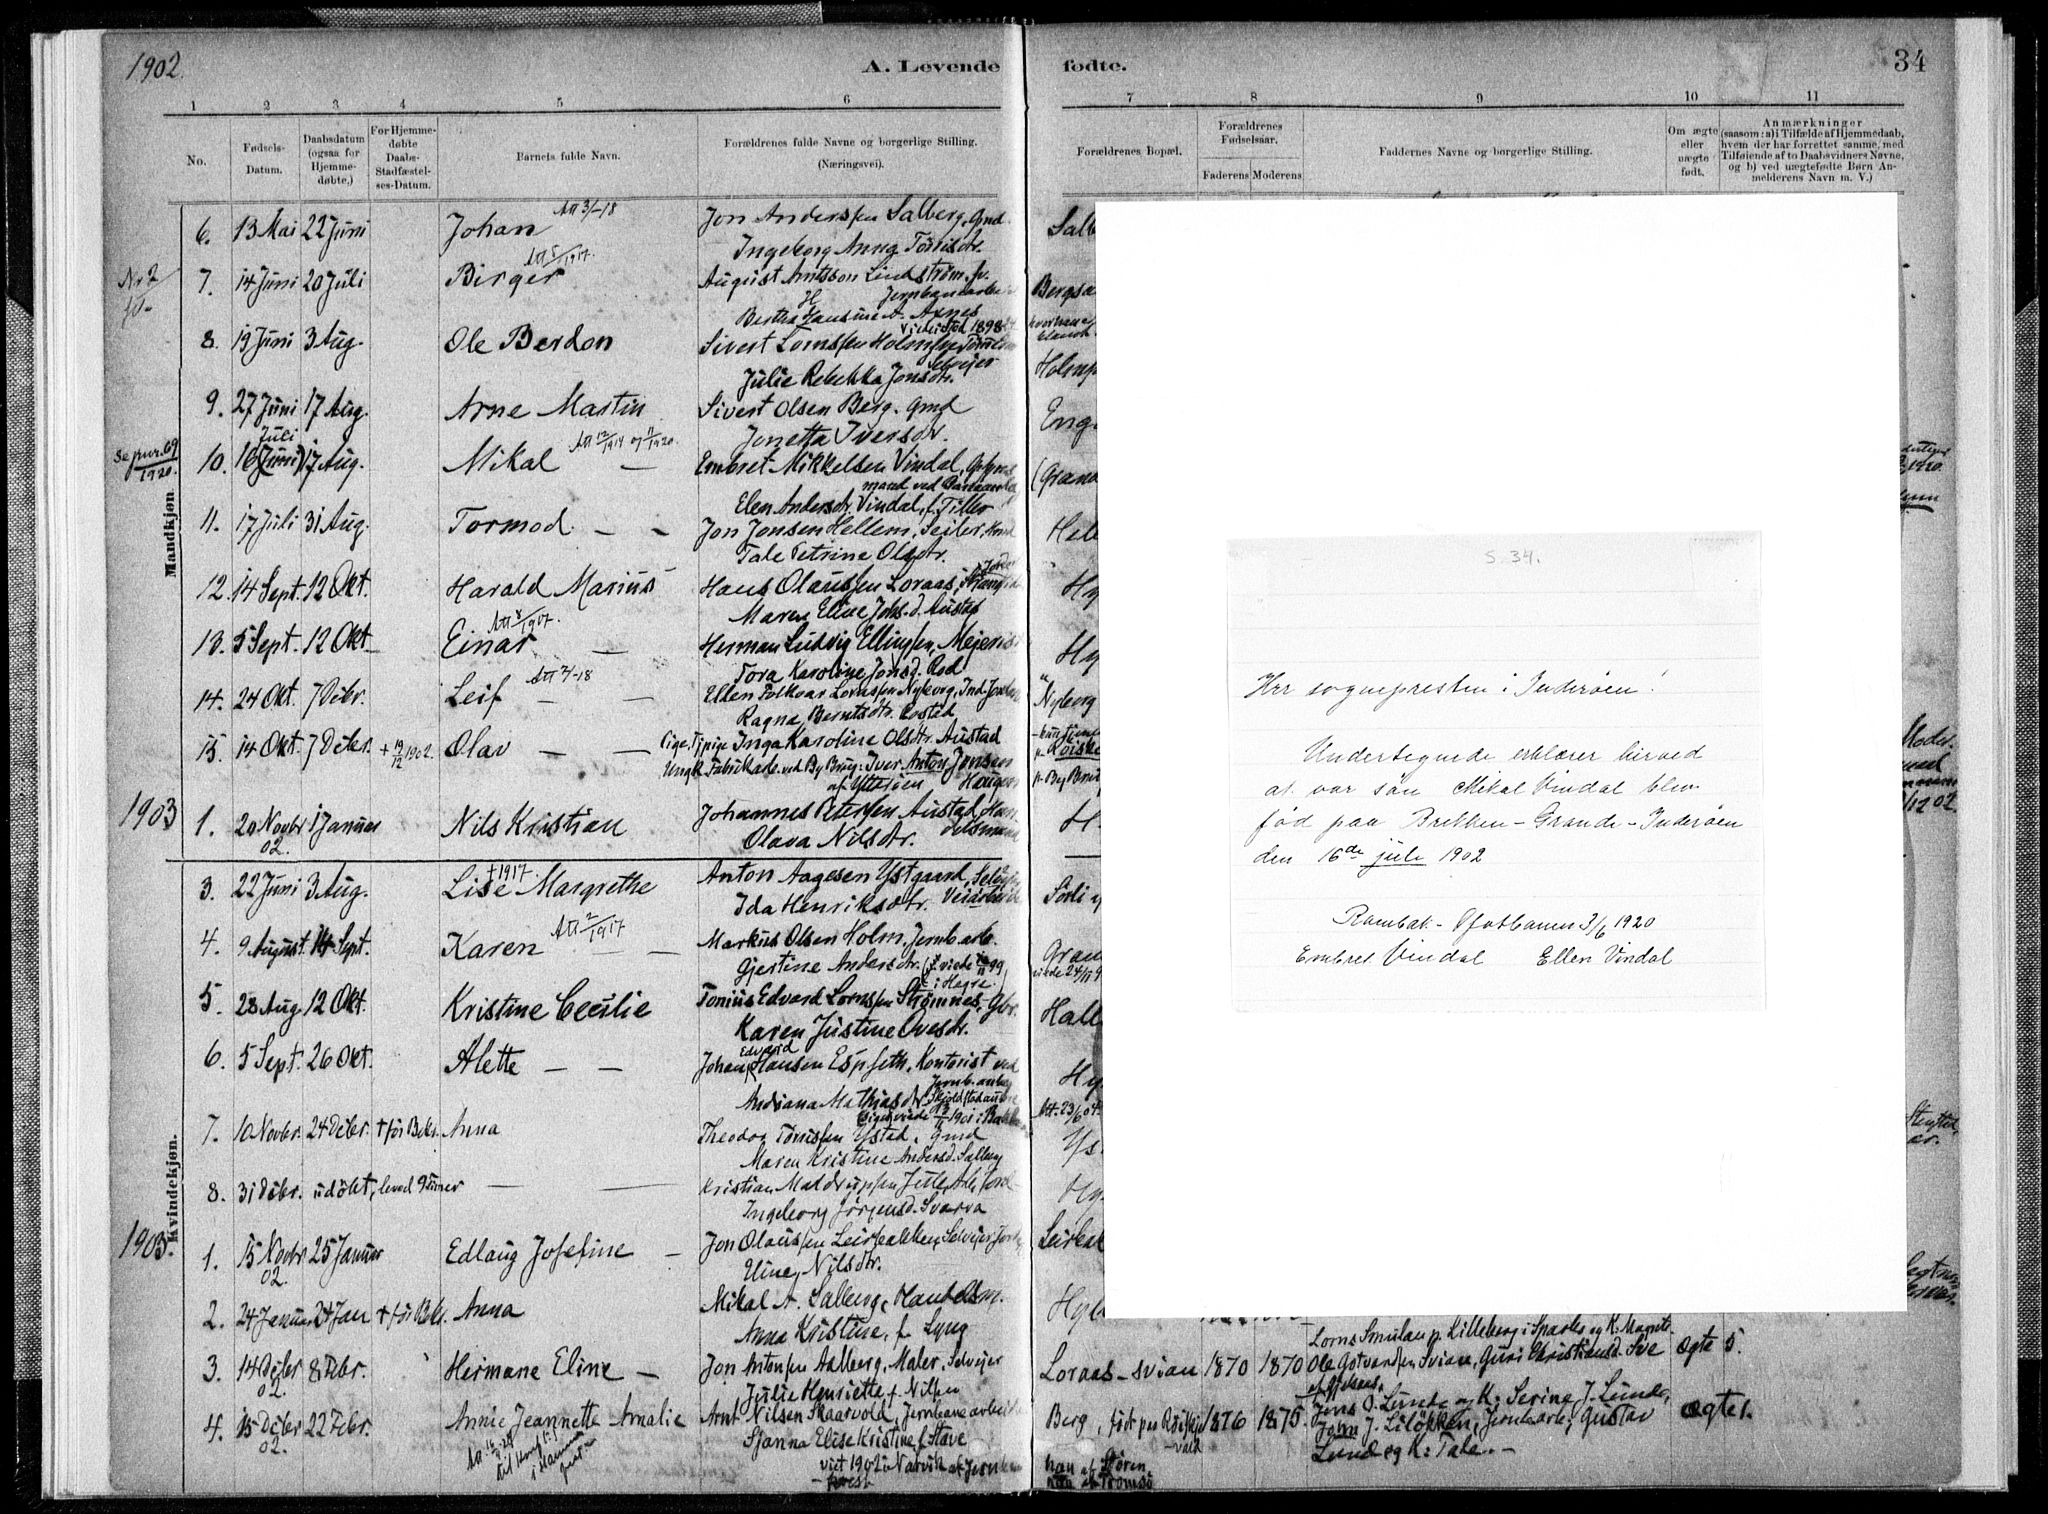 SAT, Ministerialprotokoller, klokkerbøker og fødselsregistre - Nord-Trøndelag, 731/L0309: Parish register (official) no. 731A01, 1879-1918, p. 34